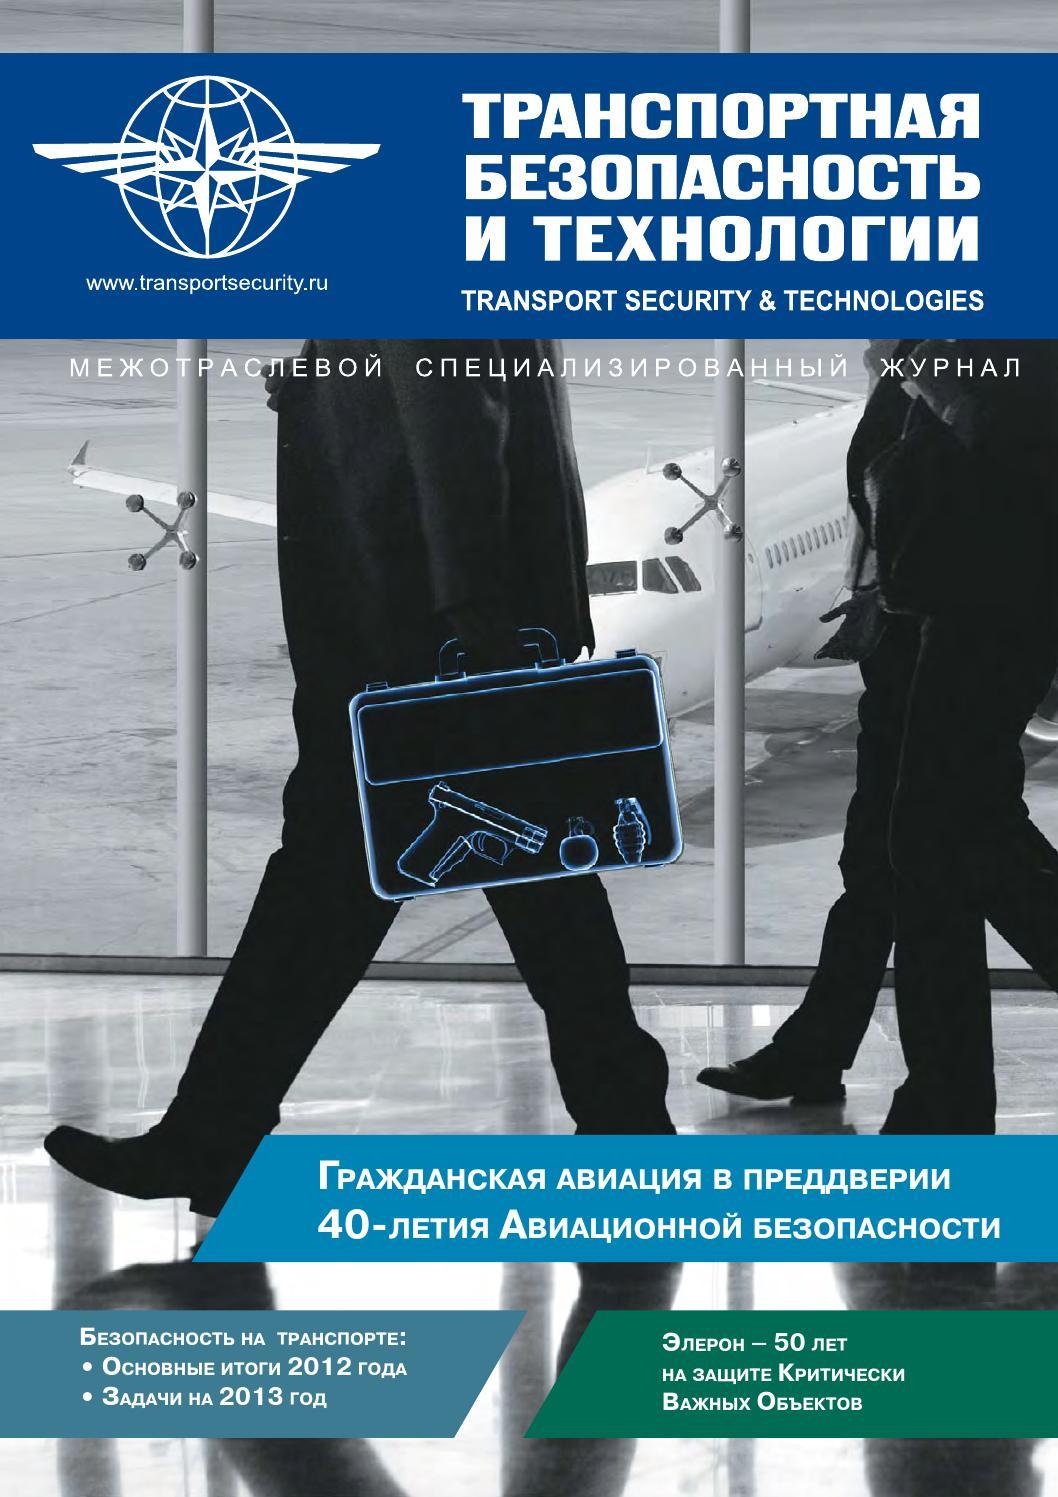 кредит под залог авто в саратове kpk-farvater.ru сбербанк кредит наличными для пенсионеров 2020